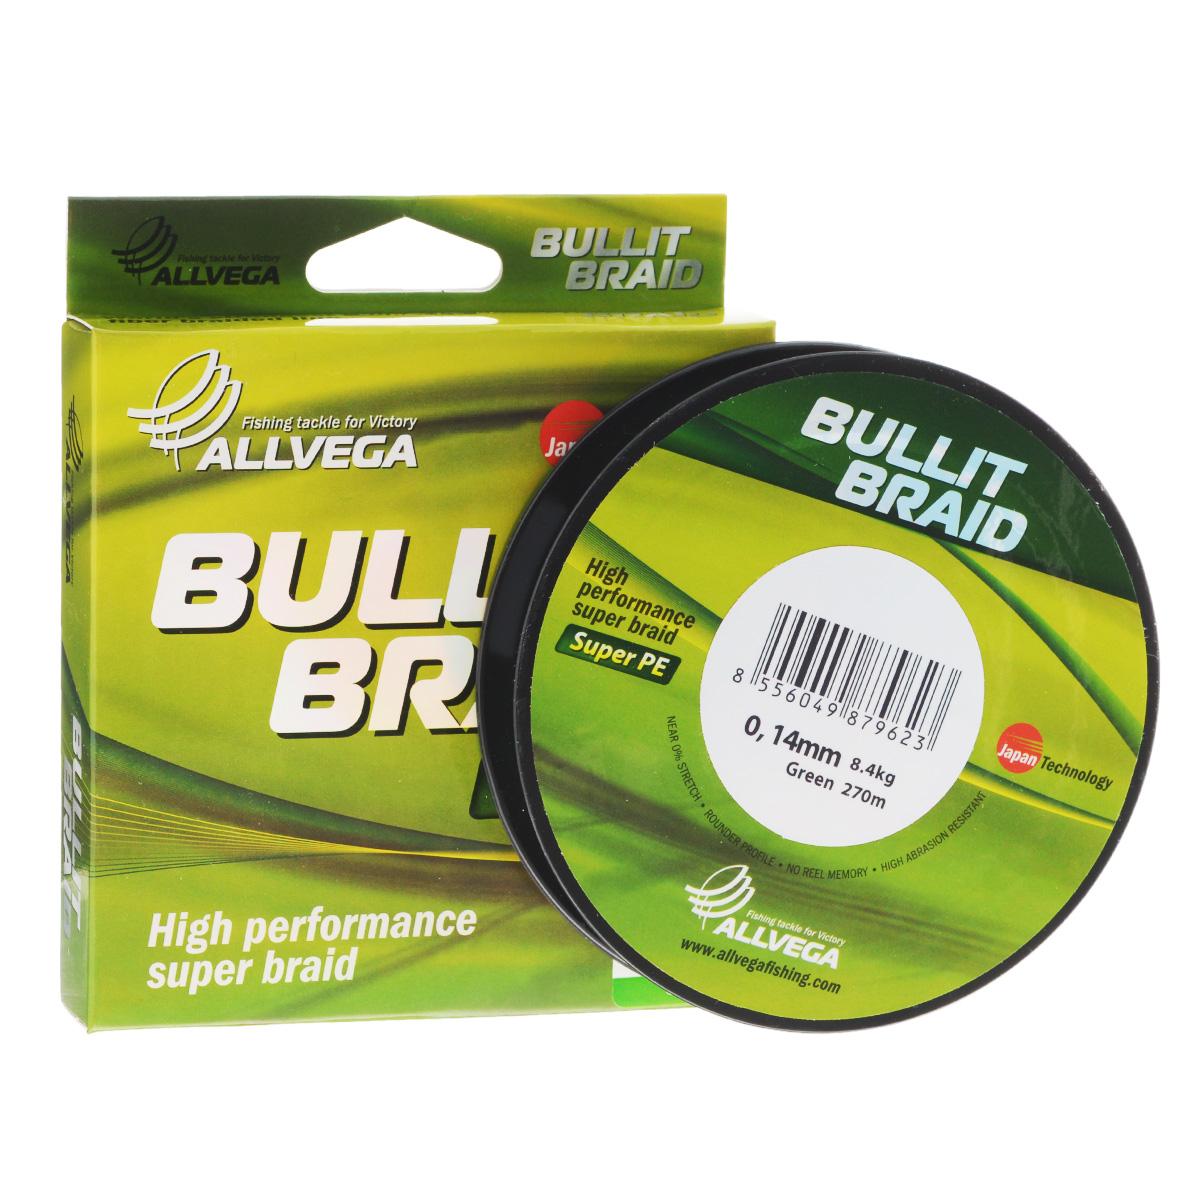 Леска плетеная Allvega Bullit Braid, цвет: темно-зеленый, 270 м, 0,14 мм, 8,4 кг25827Леска Allvega Bullit Braid с гладкой поверхностью и одинаковым сечением по всей длине обладает высокой износостойкостью. Благодаря микроволокнам полиэтилена (Super PE) леска имеет очень плотное плетение и не впитывает воду. Леску Allvega Bullit Braid можно применять в любых типах водоемов. Особенности: повышенная износостойкость; высокая чувствительность - коэффициент растяжения близок к нулю; отсутствует память; идеально гладкая поверхность позволяет увеличить дальность забросов; высокая прочность шнура на узлах.